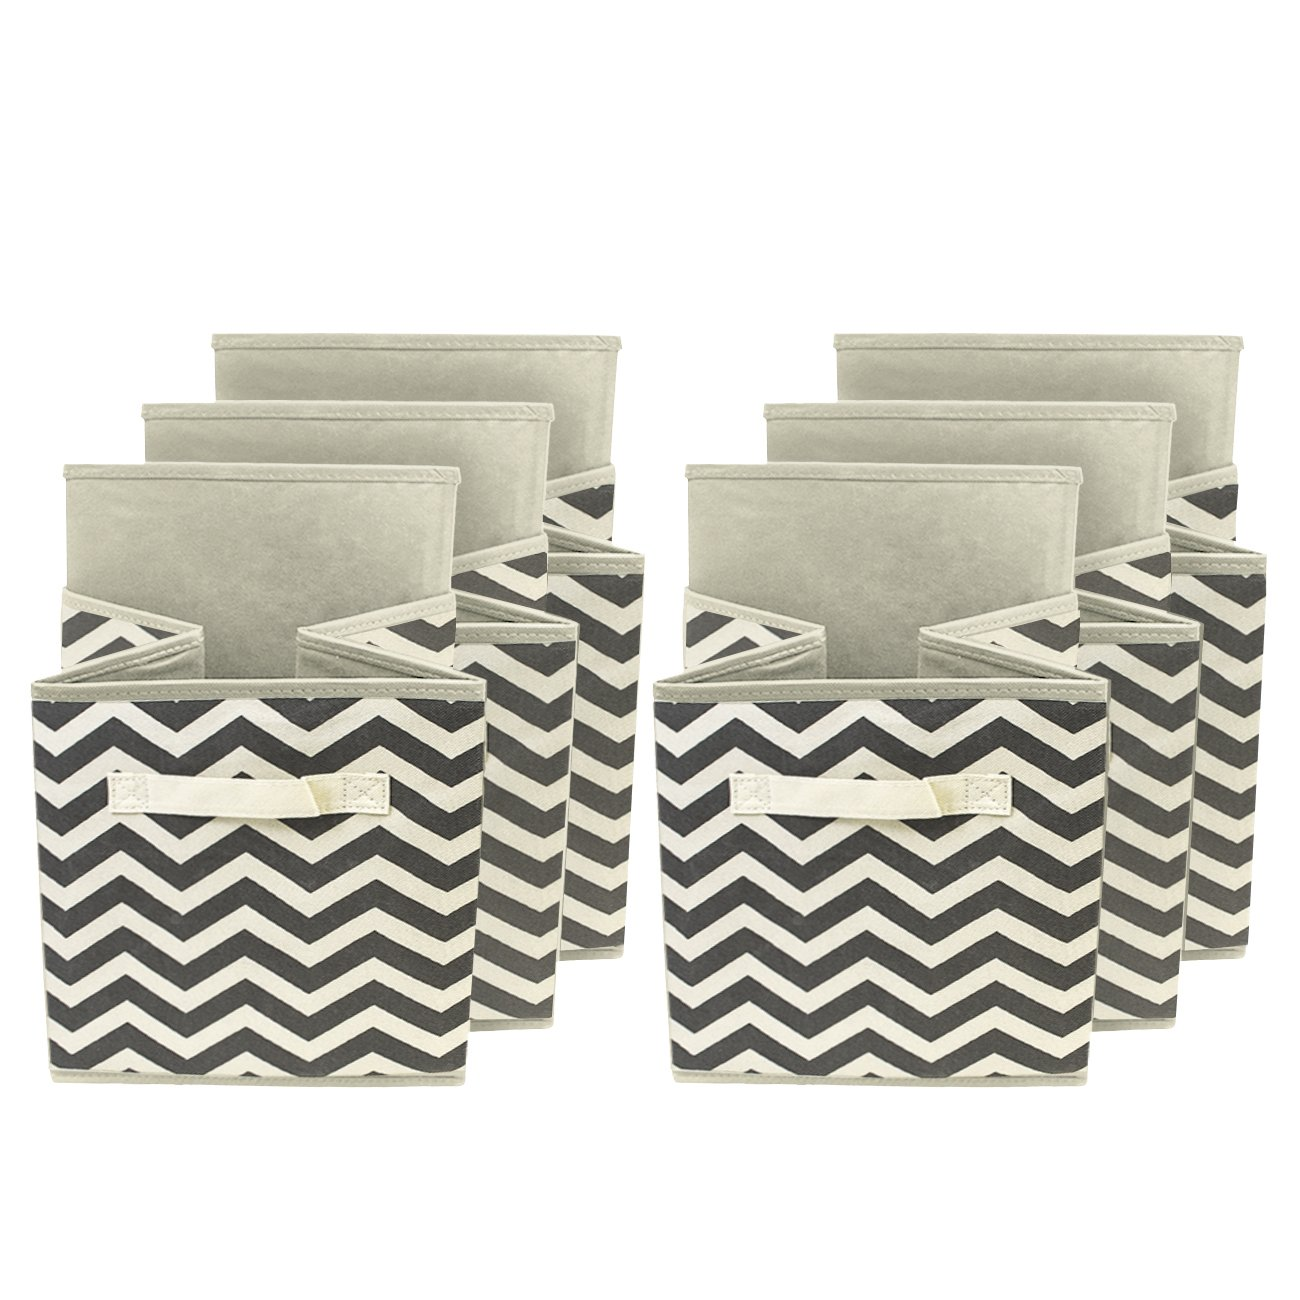 Sorbus Foldable Storage Cube Basket Bin Beige 6 Pack,Chevron Pattern